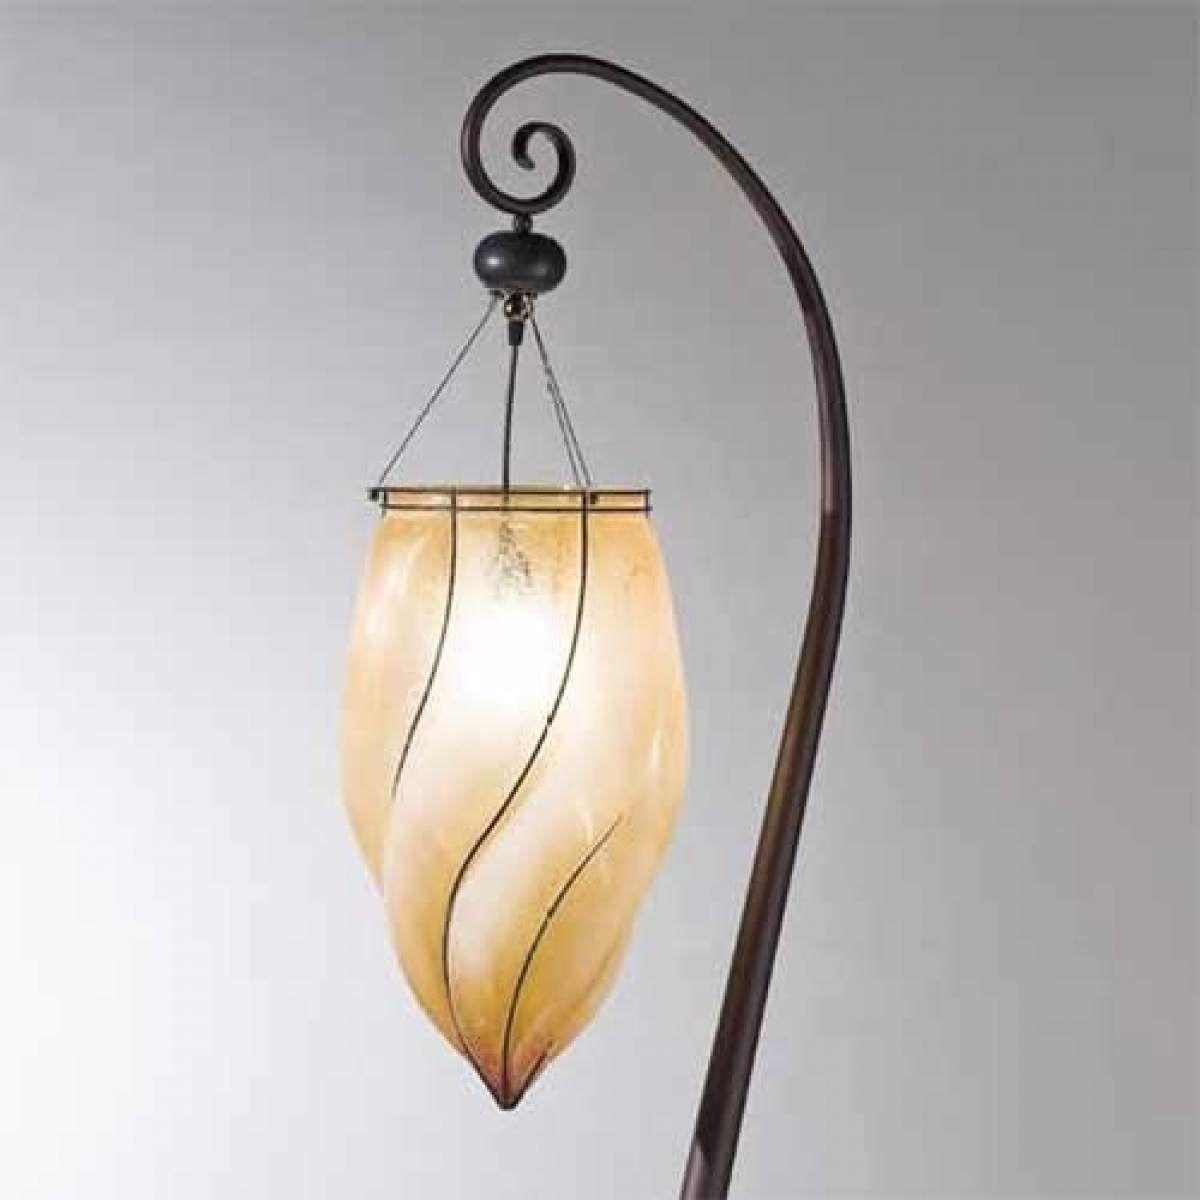 Malerisch Stehlampe Mit Schirm Sammlung Von Modern Led | Stehleuchte Retro Orange |